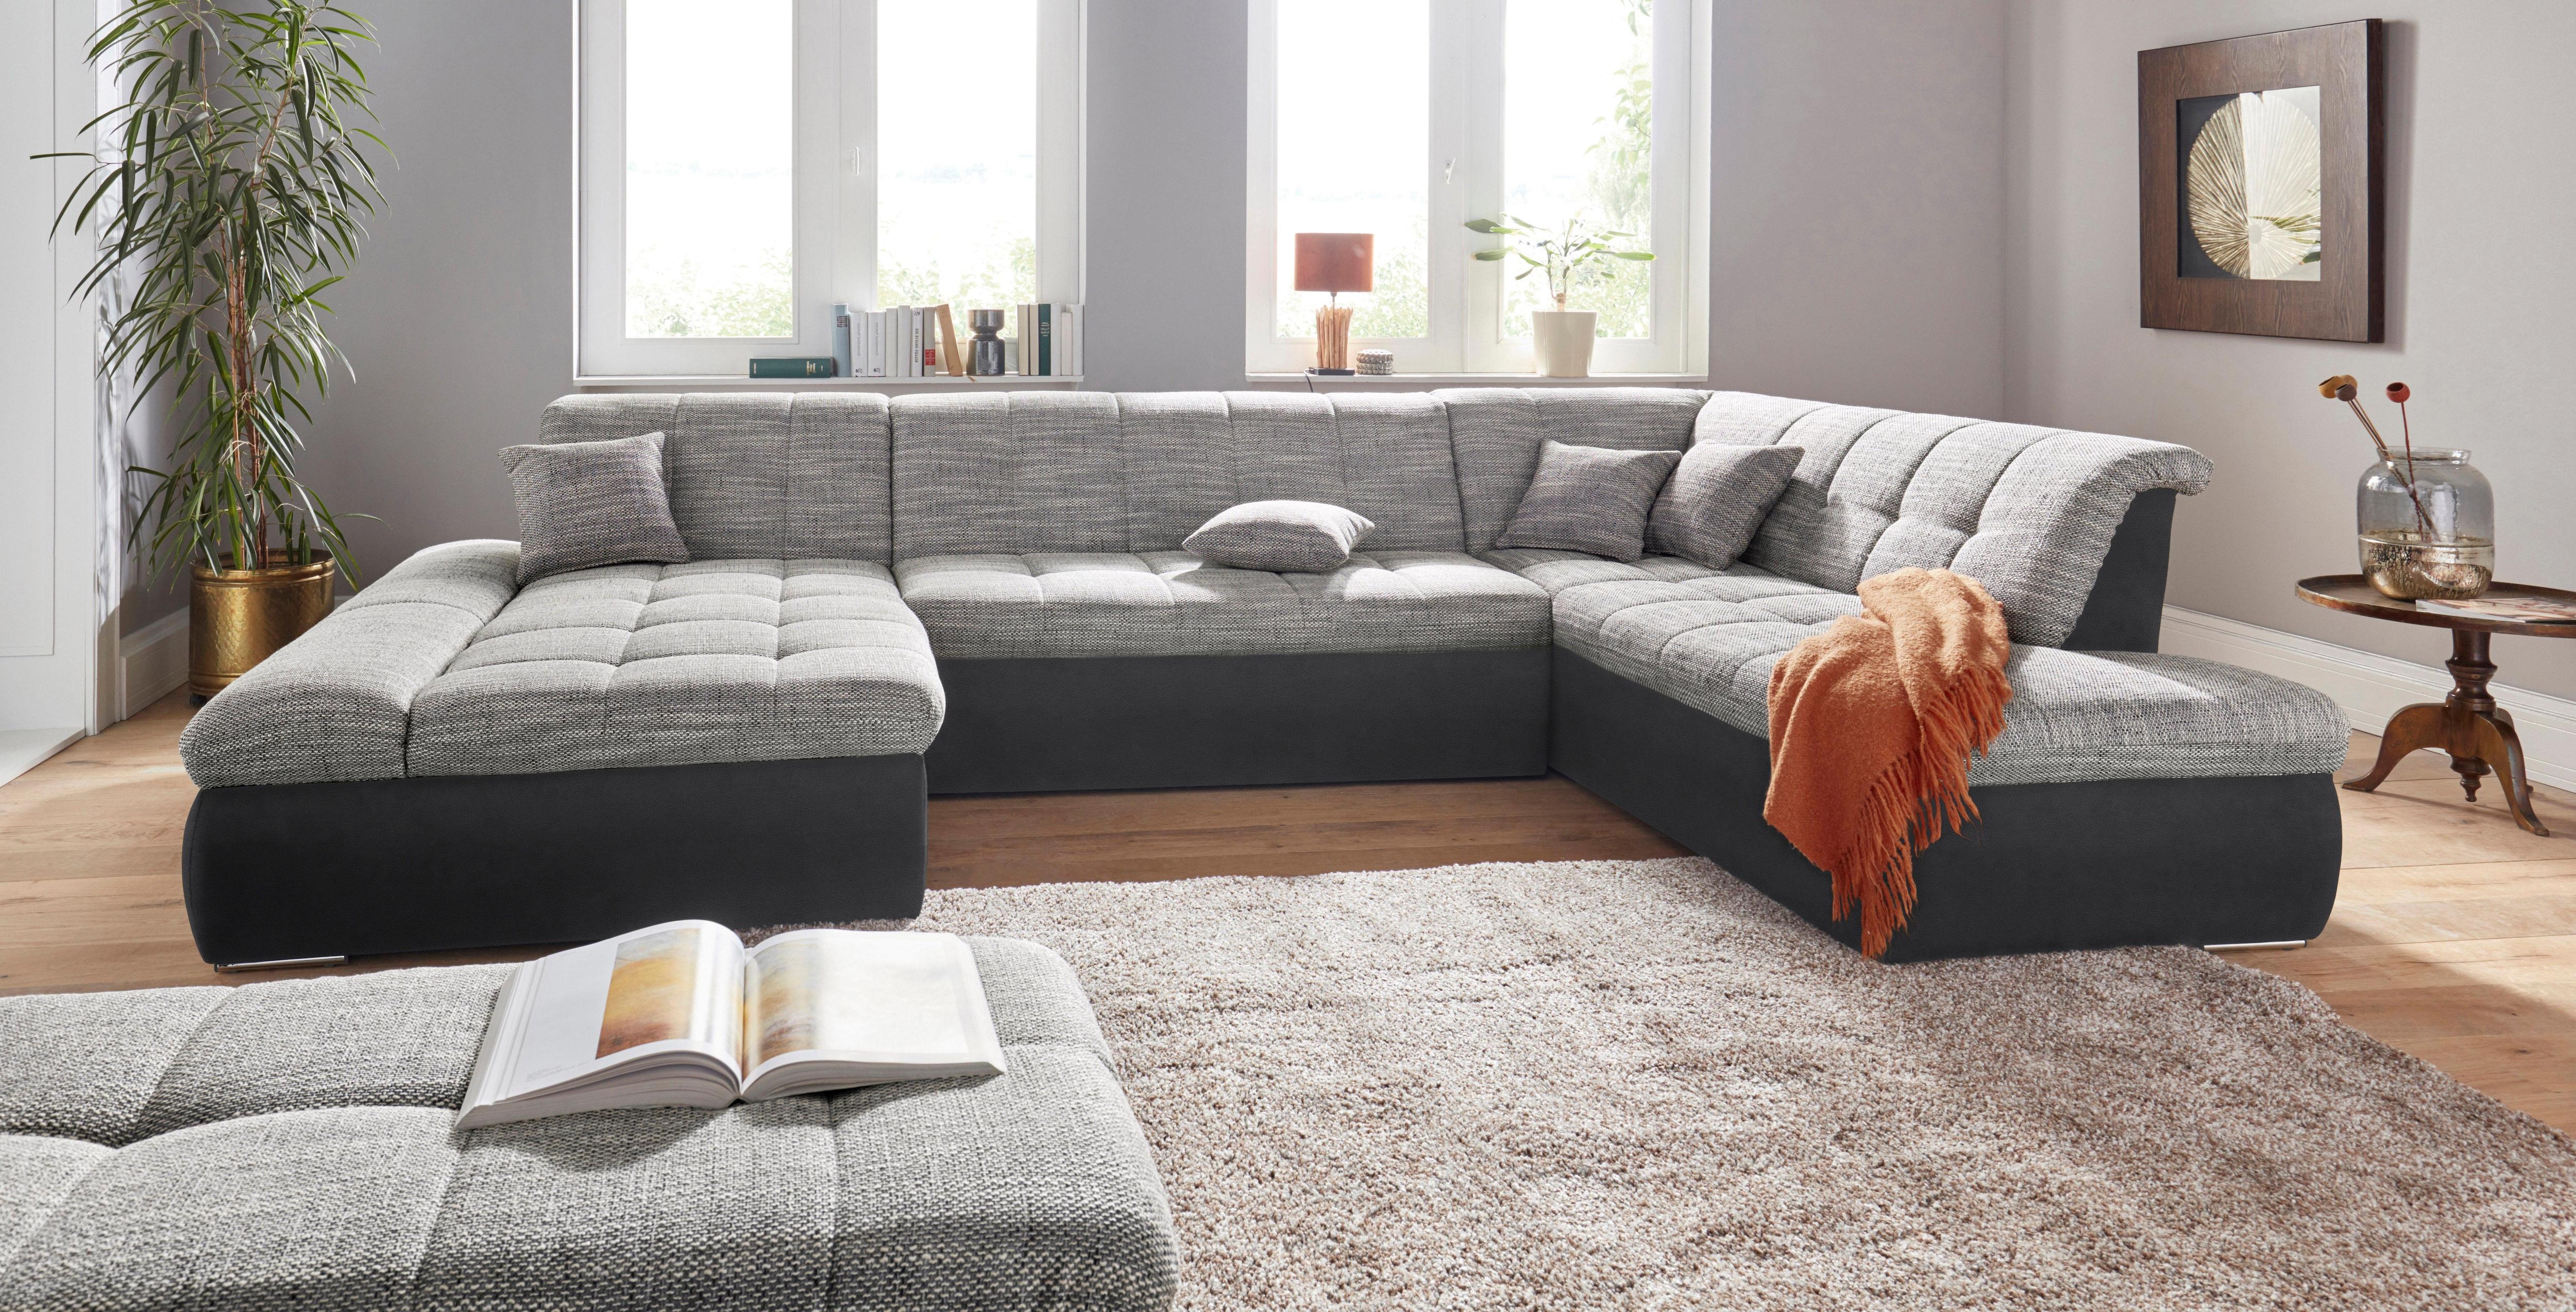 Domo Collection Wohnlandschaft Wahlweise Mit Bettfunktion Und